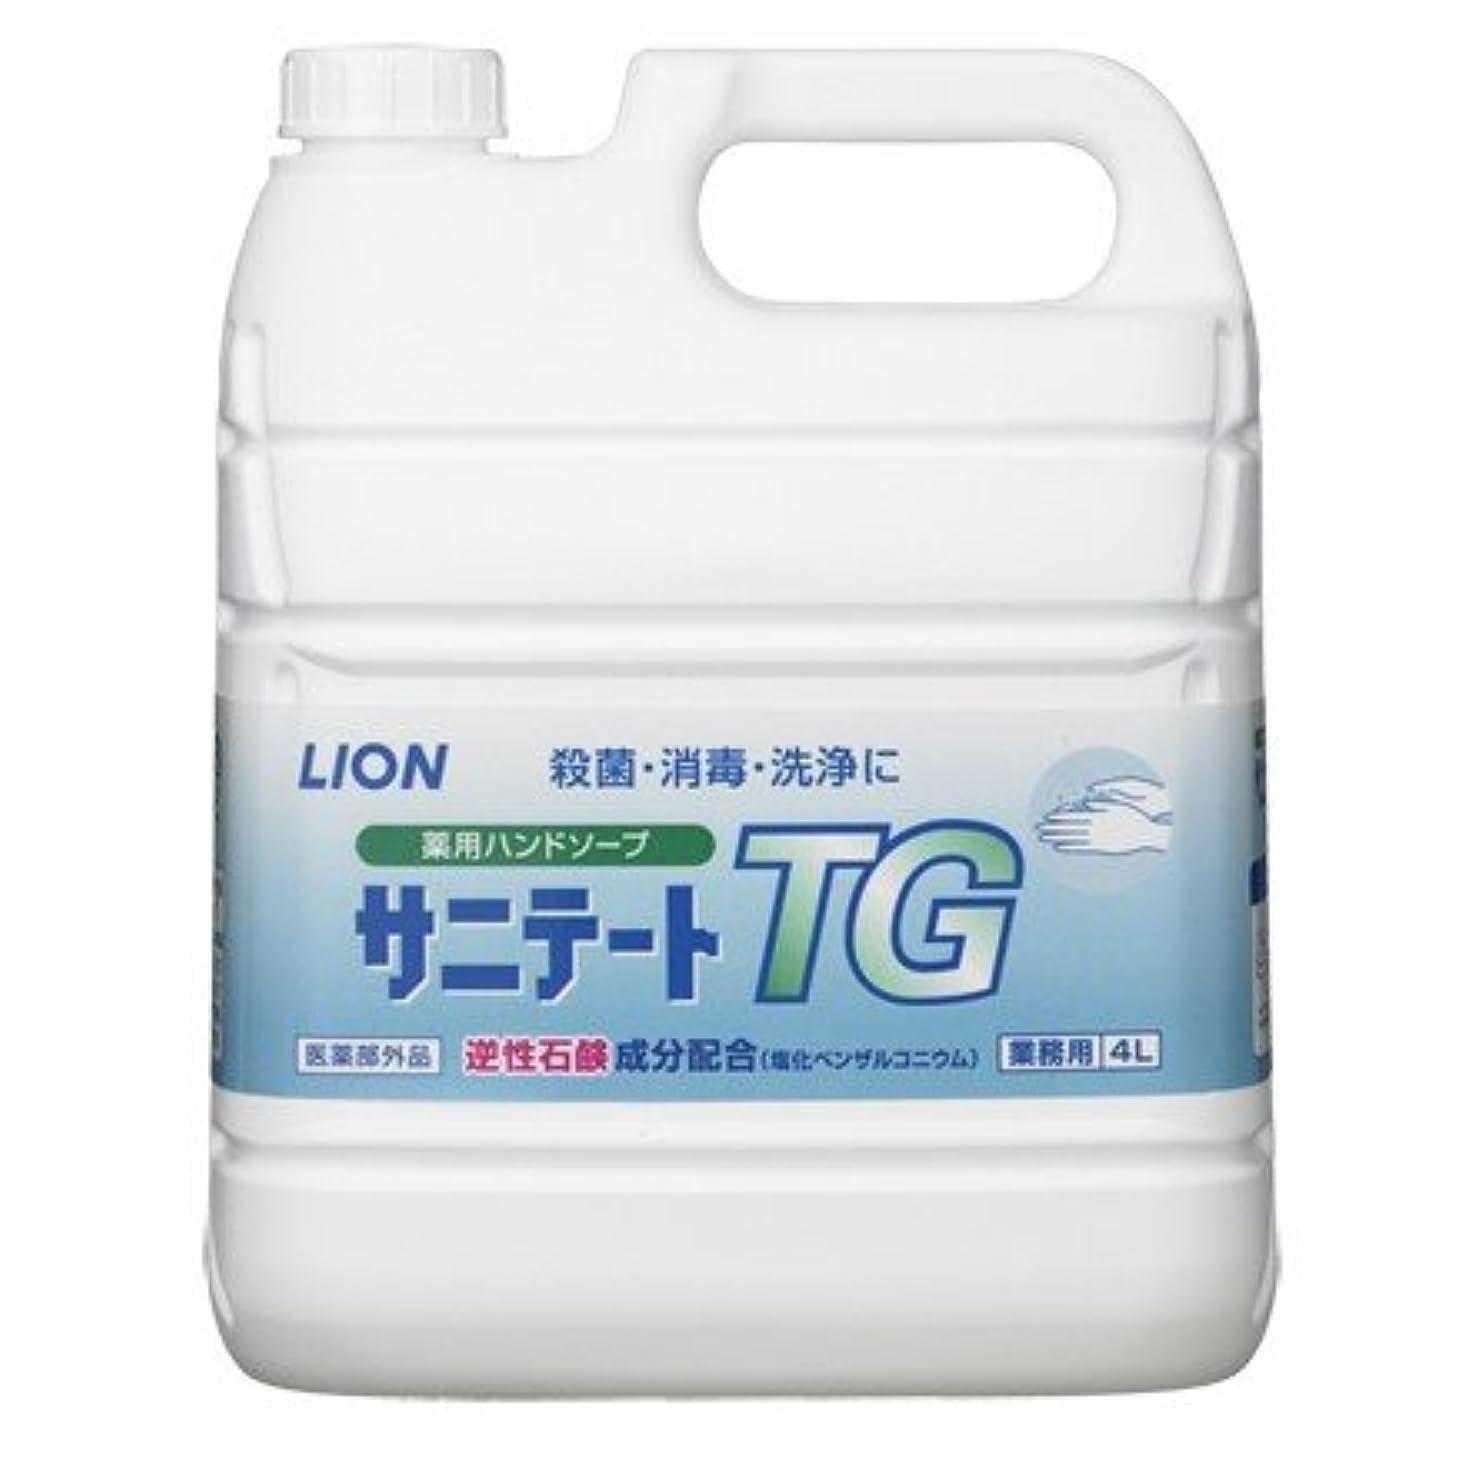 すきフレッシュ凍るライオン 薬用ハンドソープ サニテートTG 希釈タイプ(逆性石鹸)4L×2本入